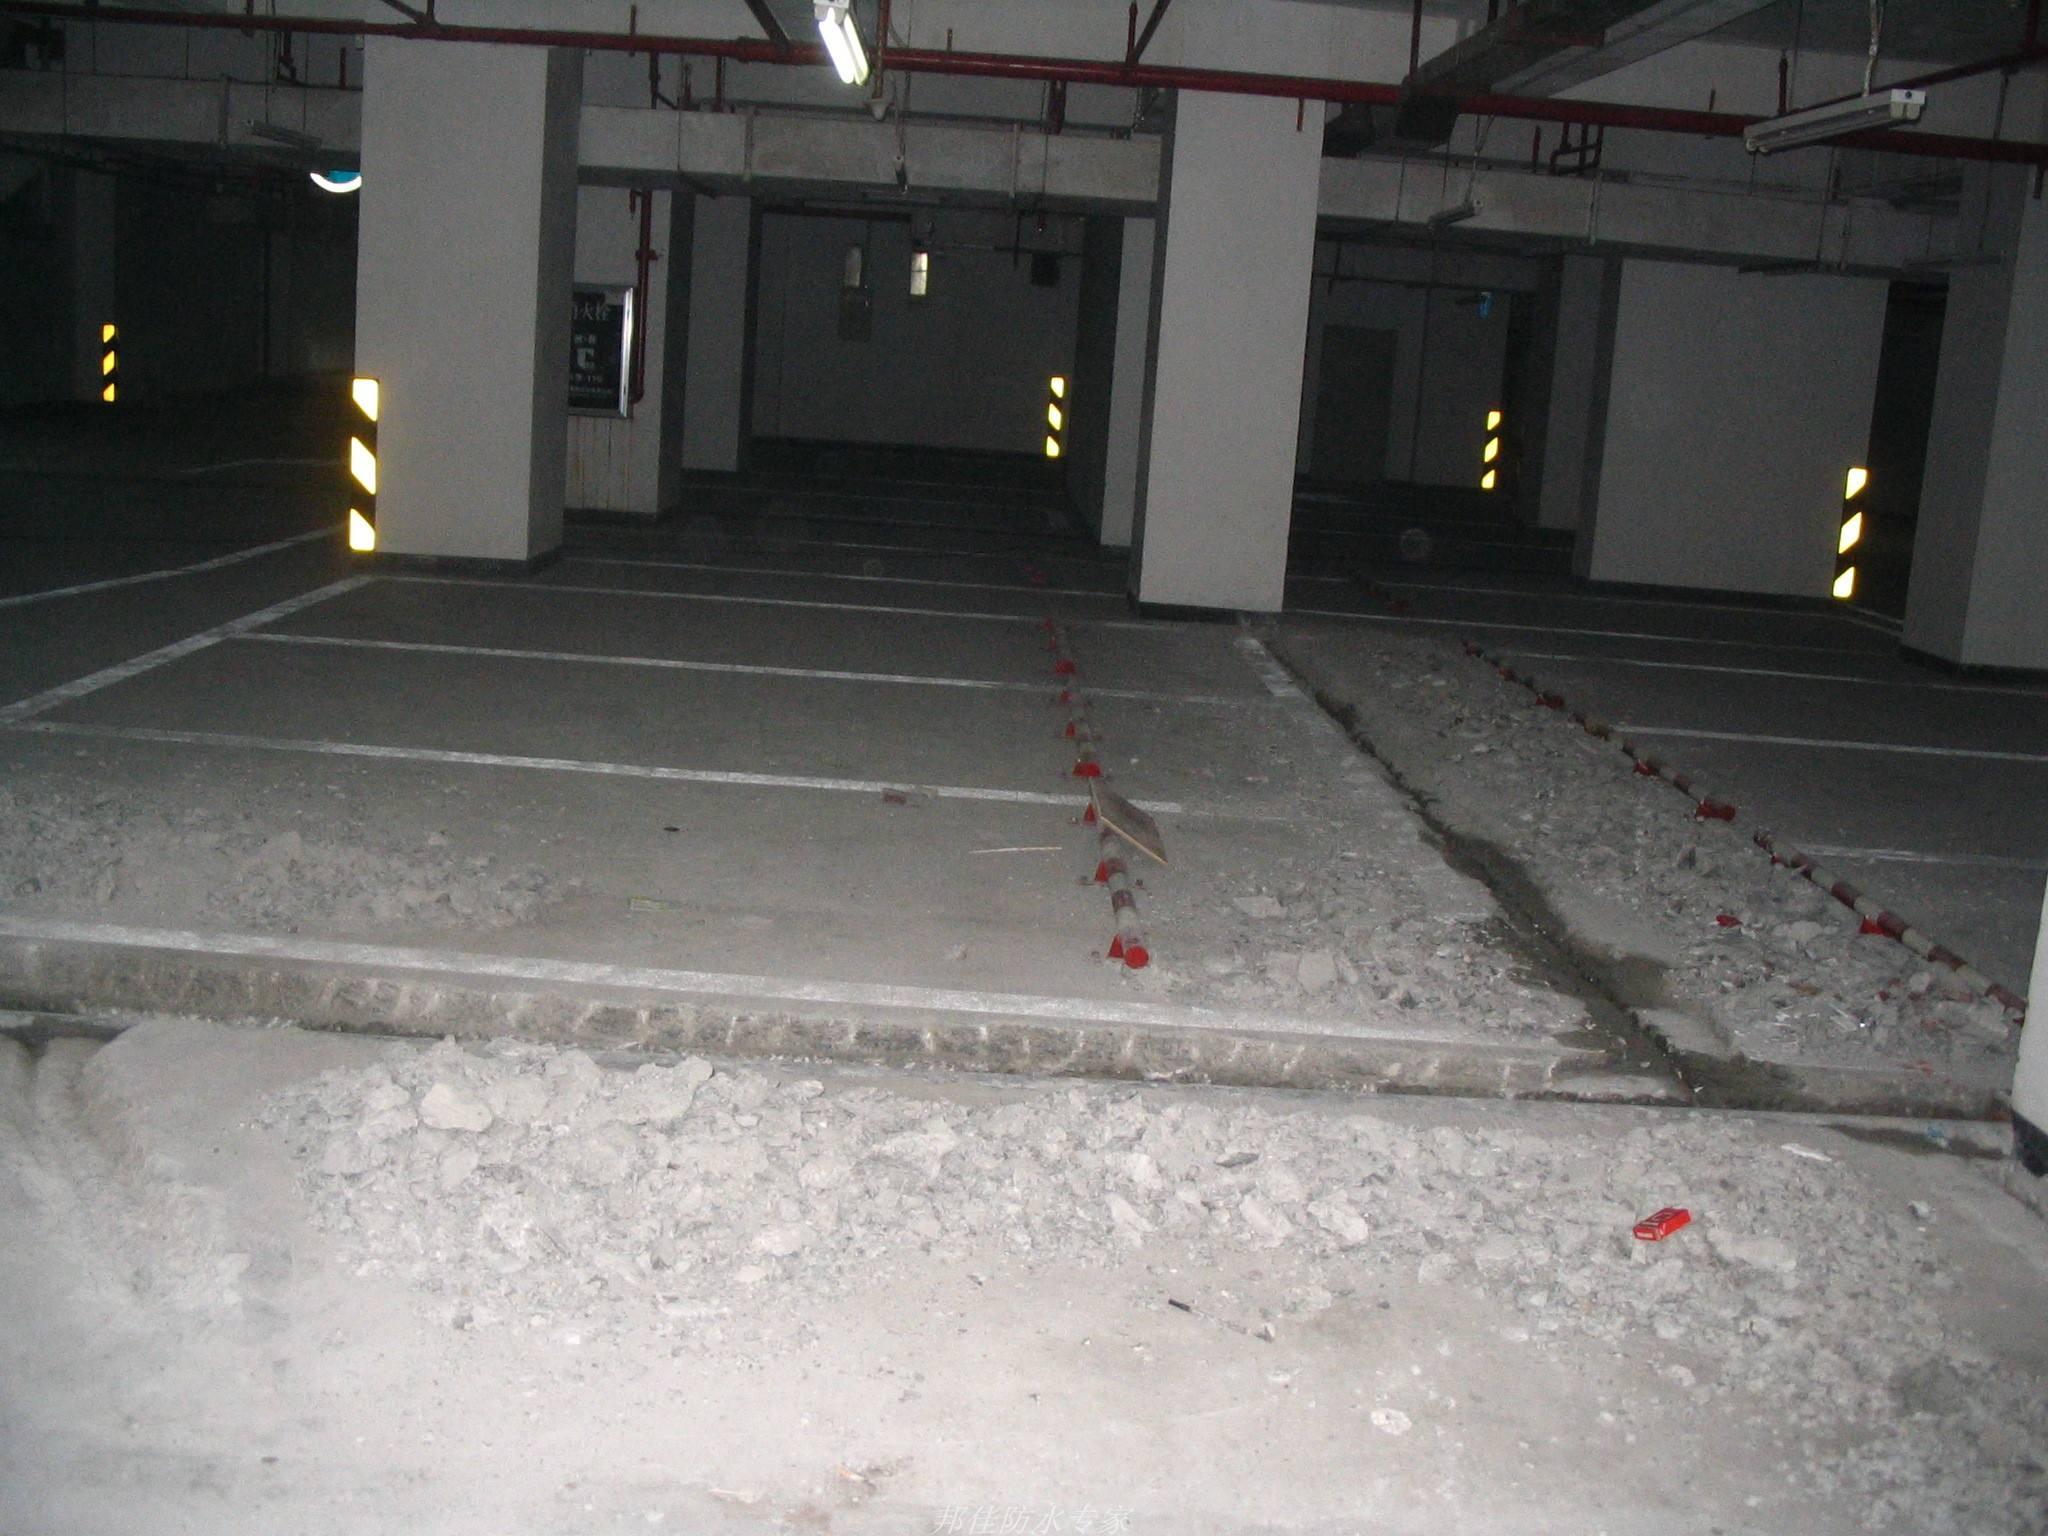 地下室防水堵漏,地下室防水堵漏工程,地下室防水堵漏价格